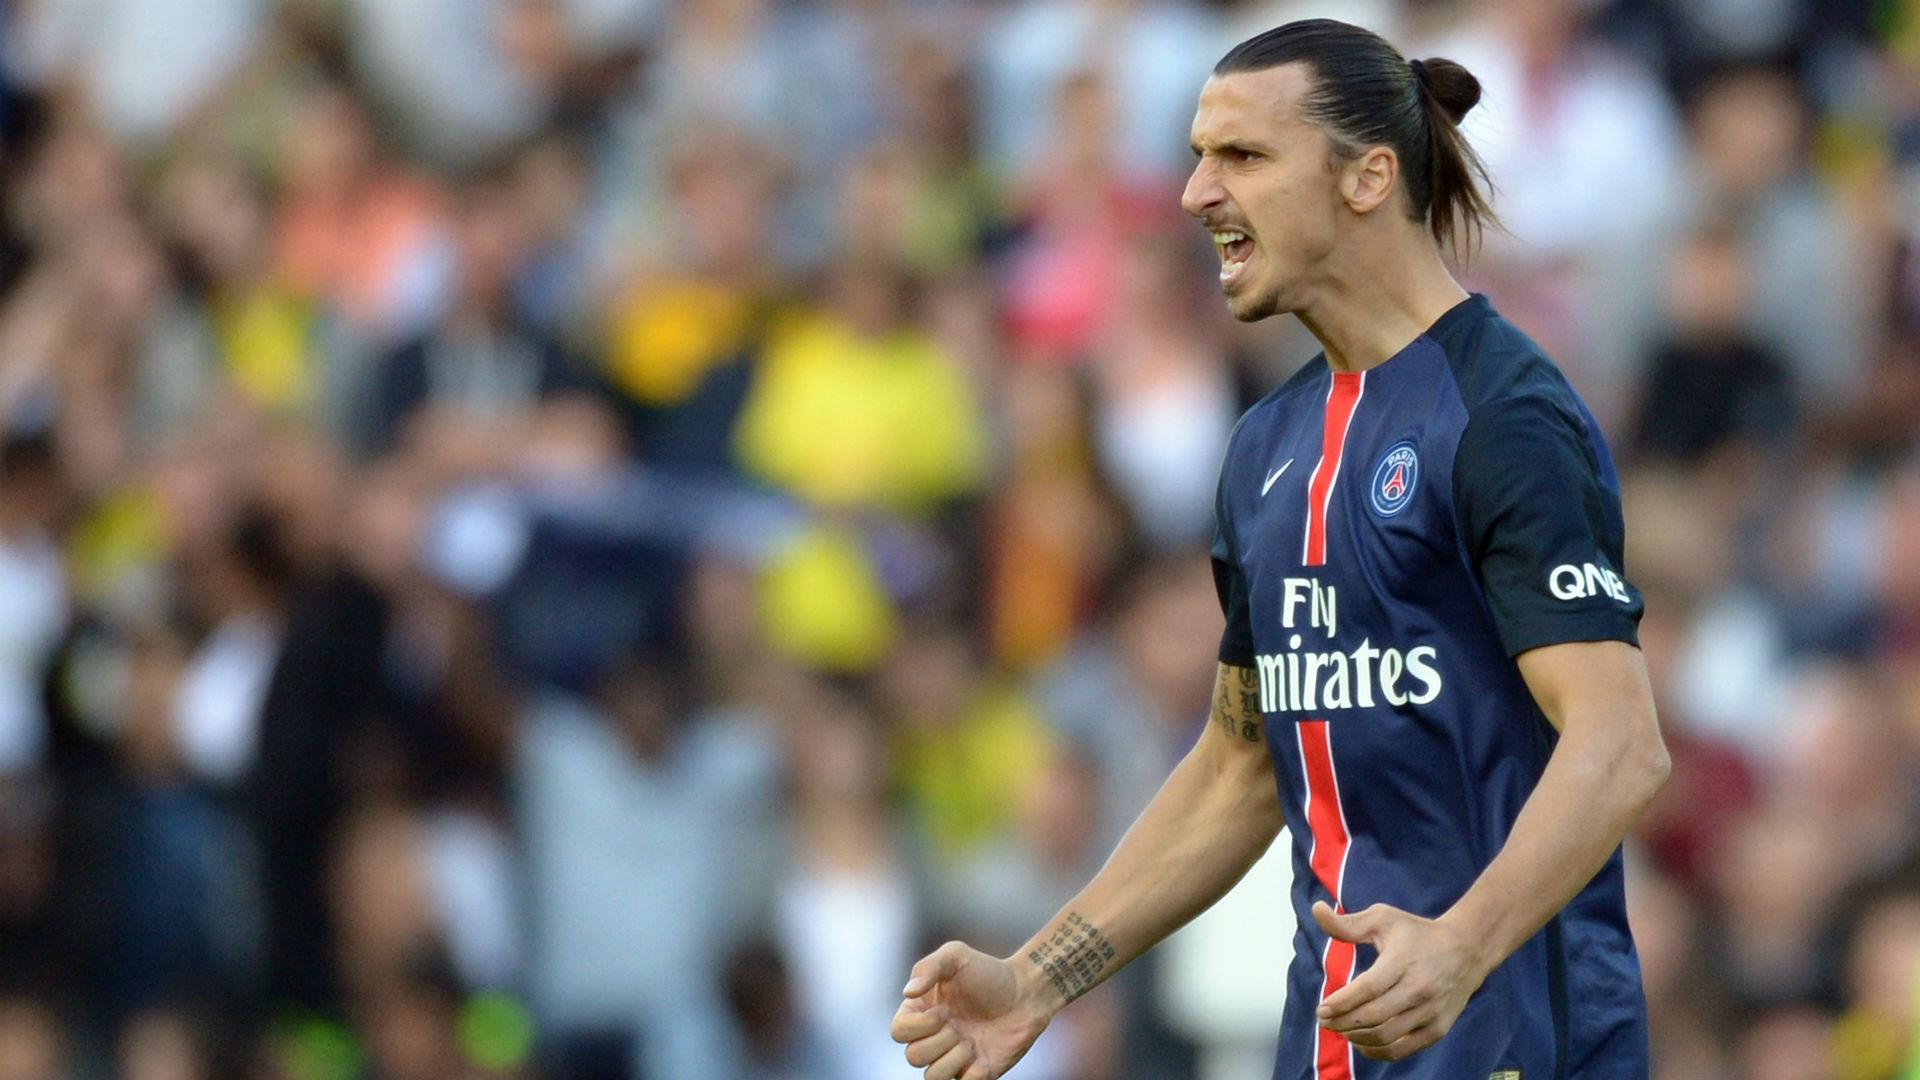 Zlatan Ibrahimovic annonce son départ du PSG. « Je suis arrivé comme un roi, je pars comme une légende », écrit-il sur les réseaux sociaux.